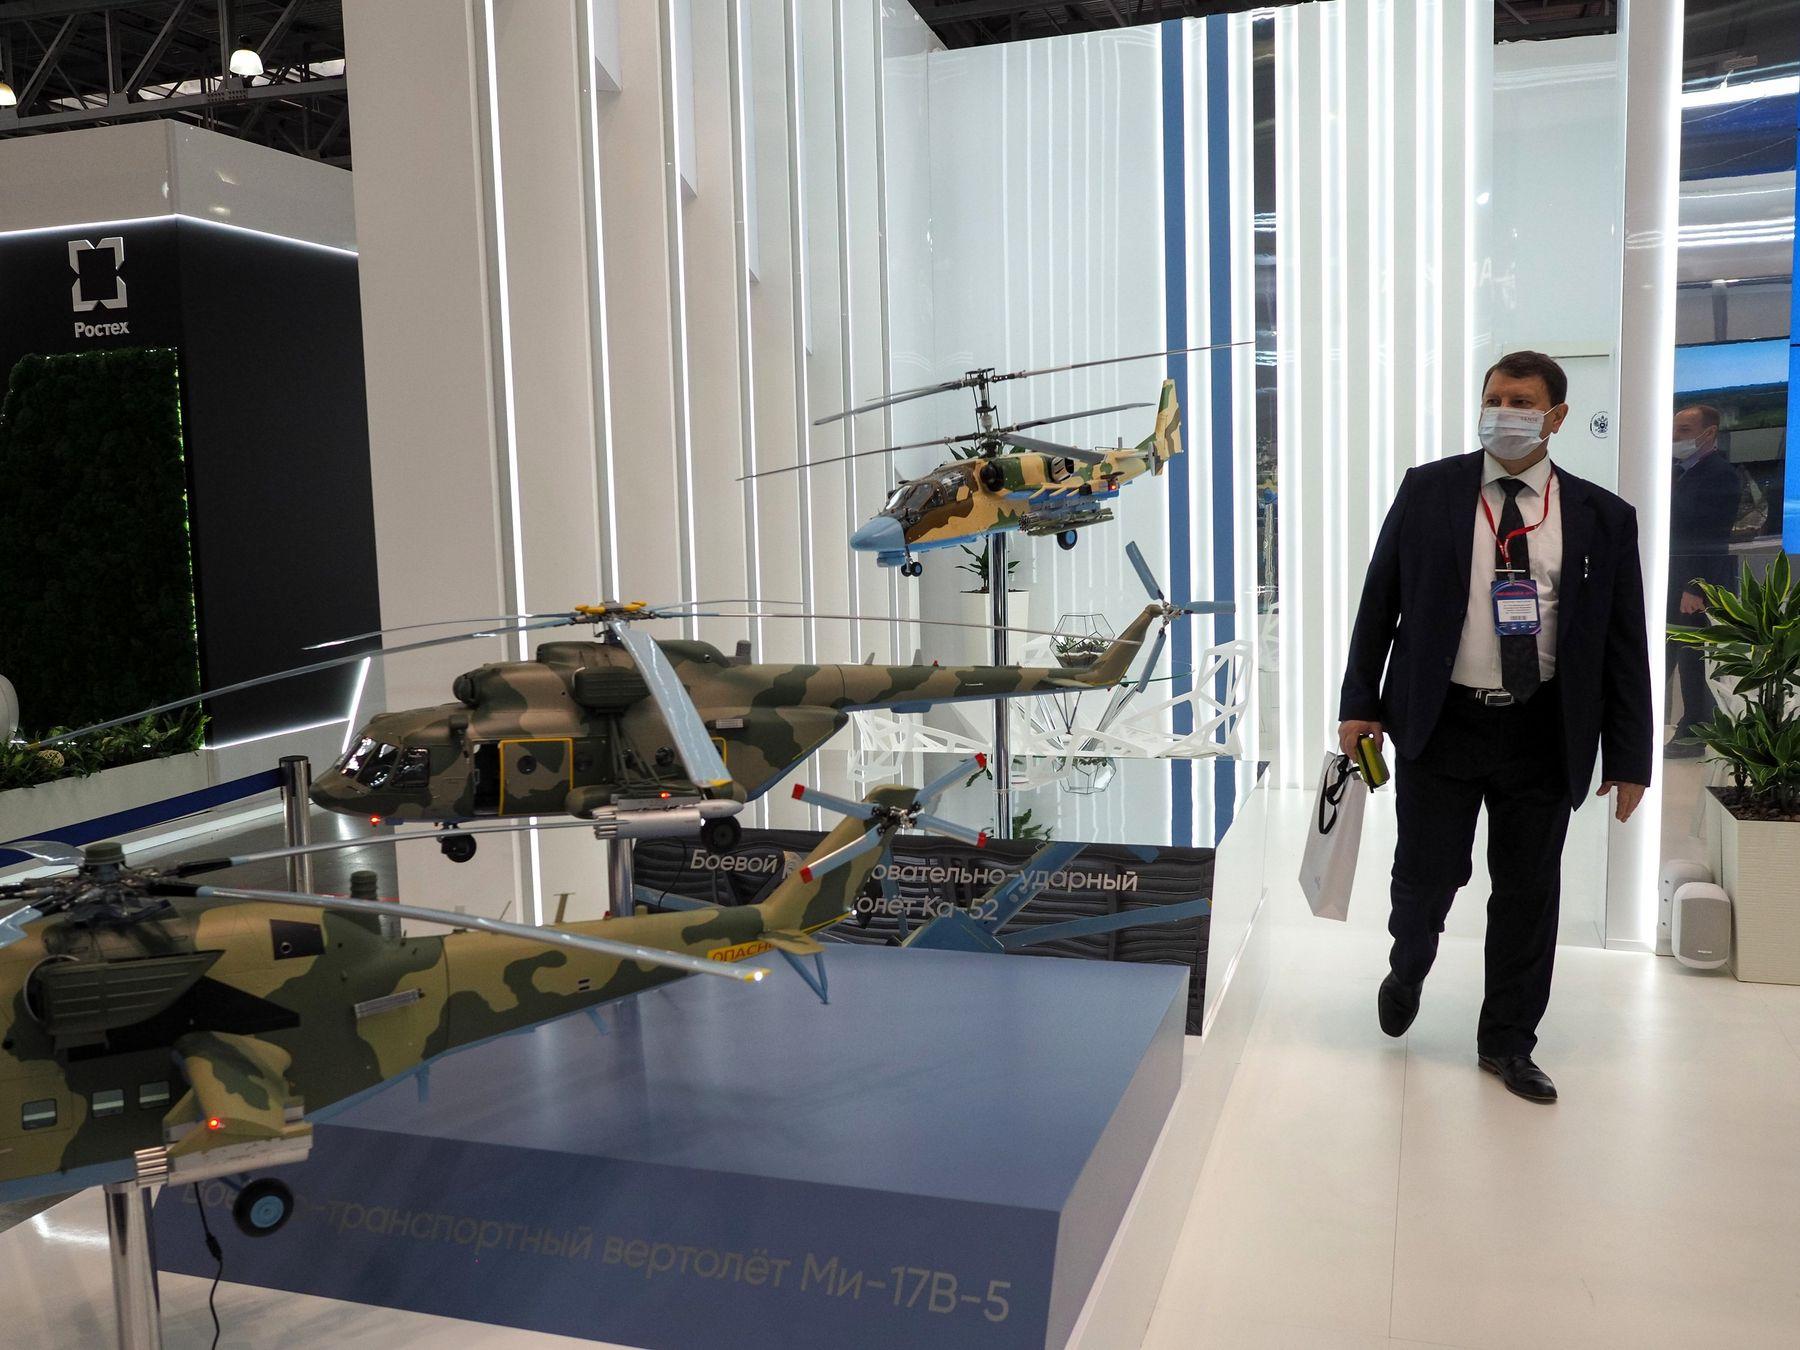 Вертолёты на выставке хелираша